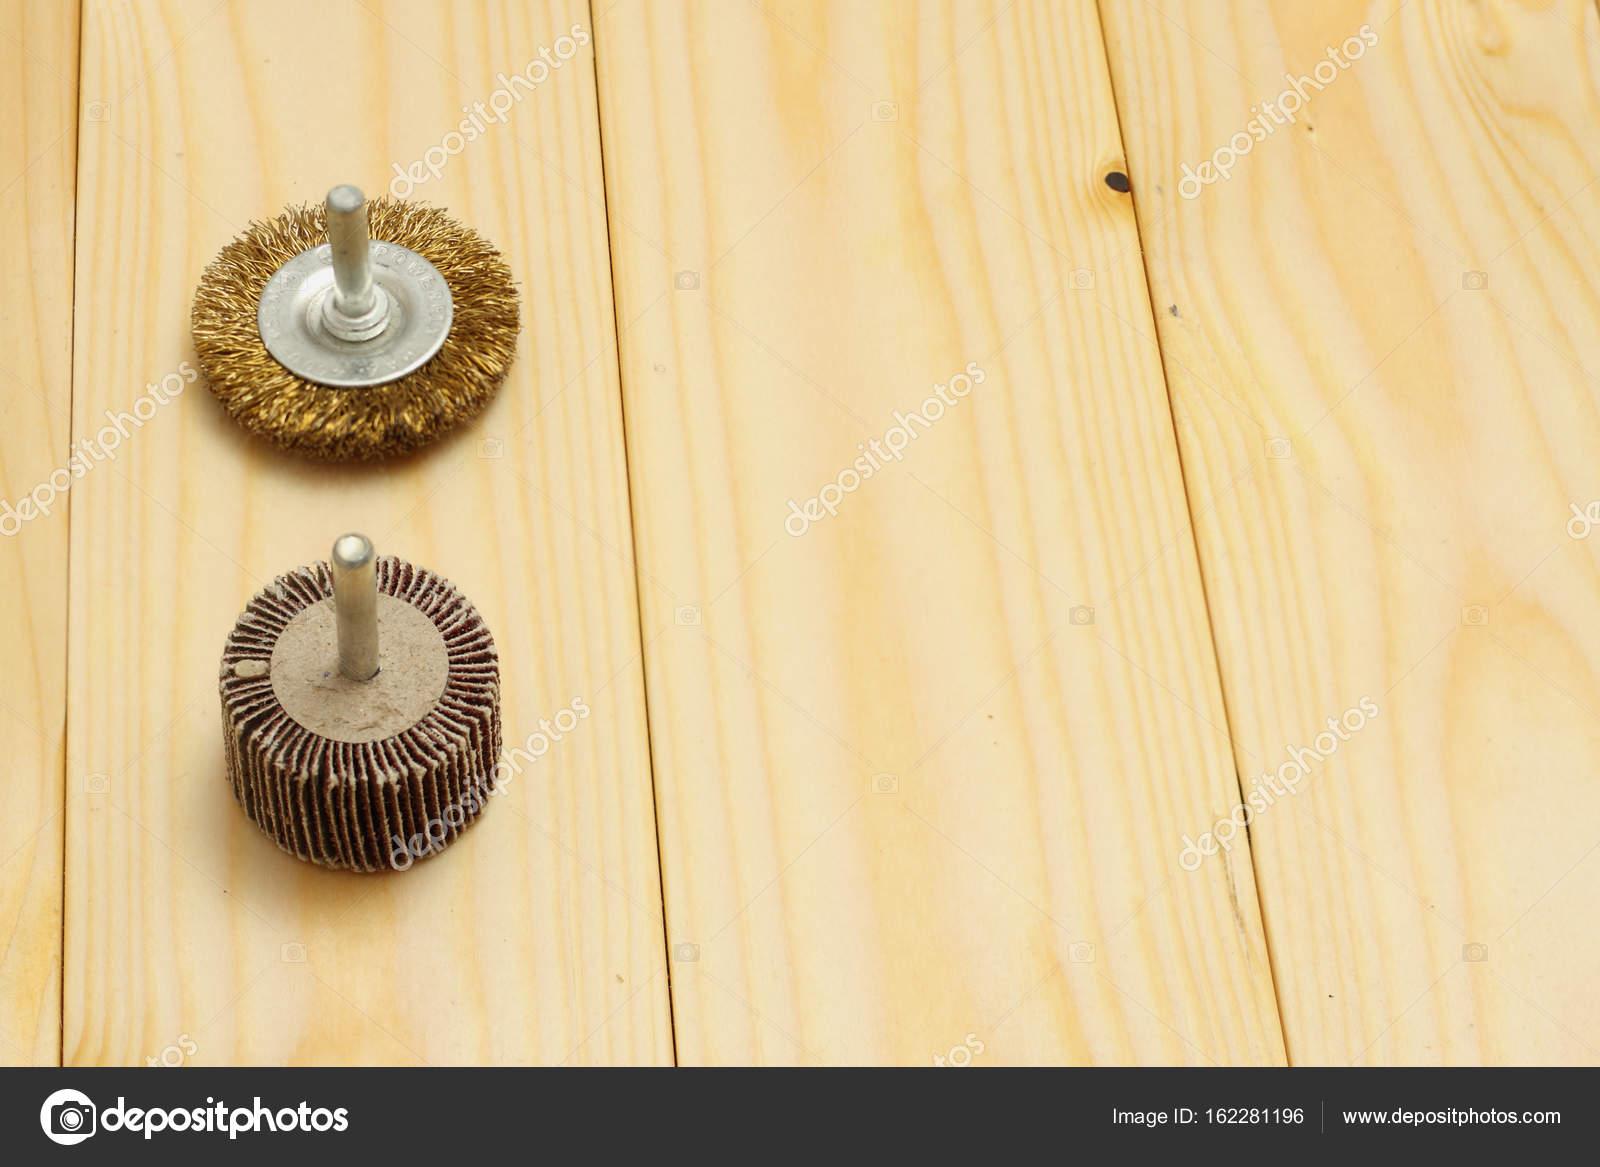 heller holz hintergrund mit metall runddraht-pinsel-werkzeug für die